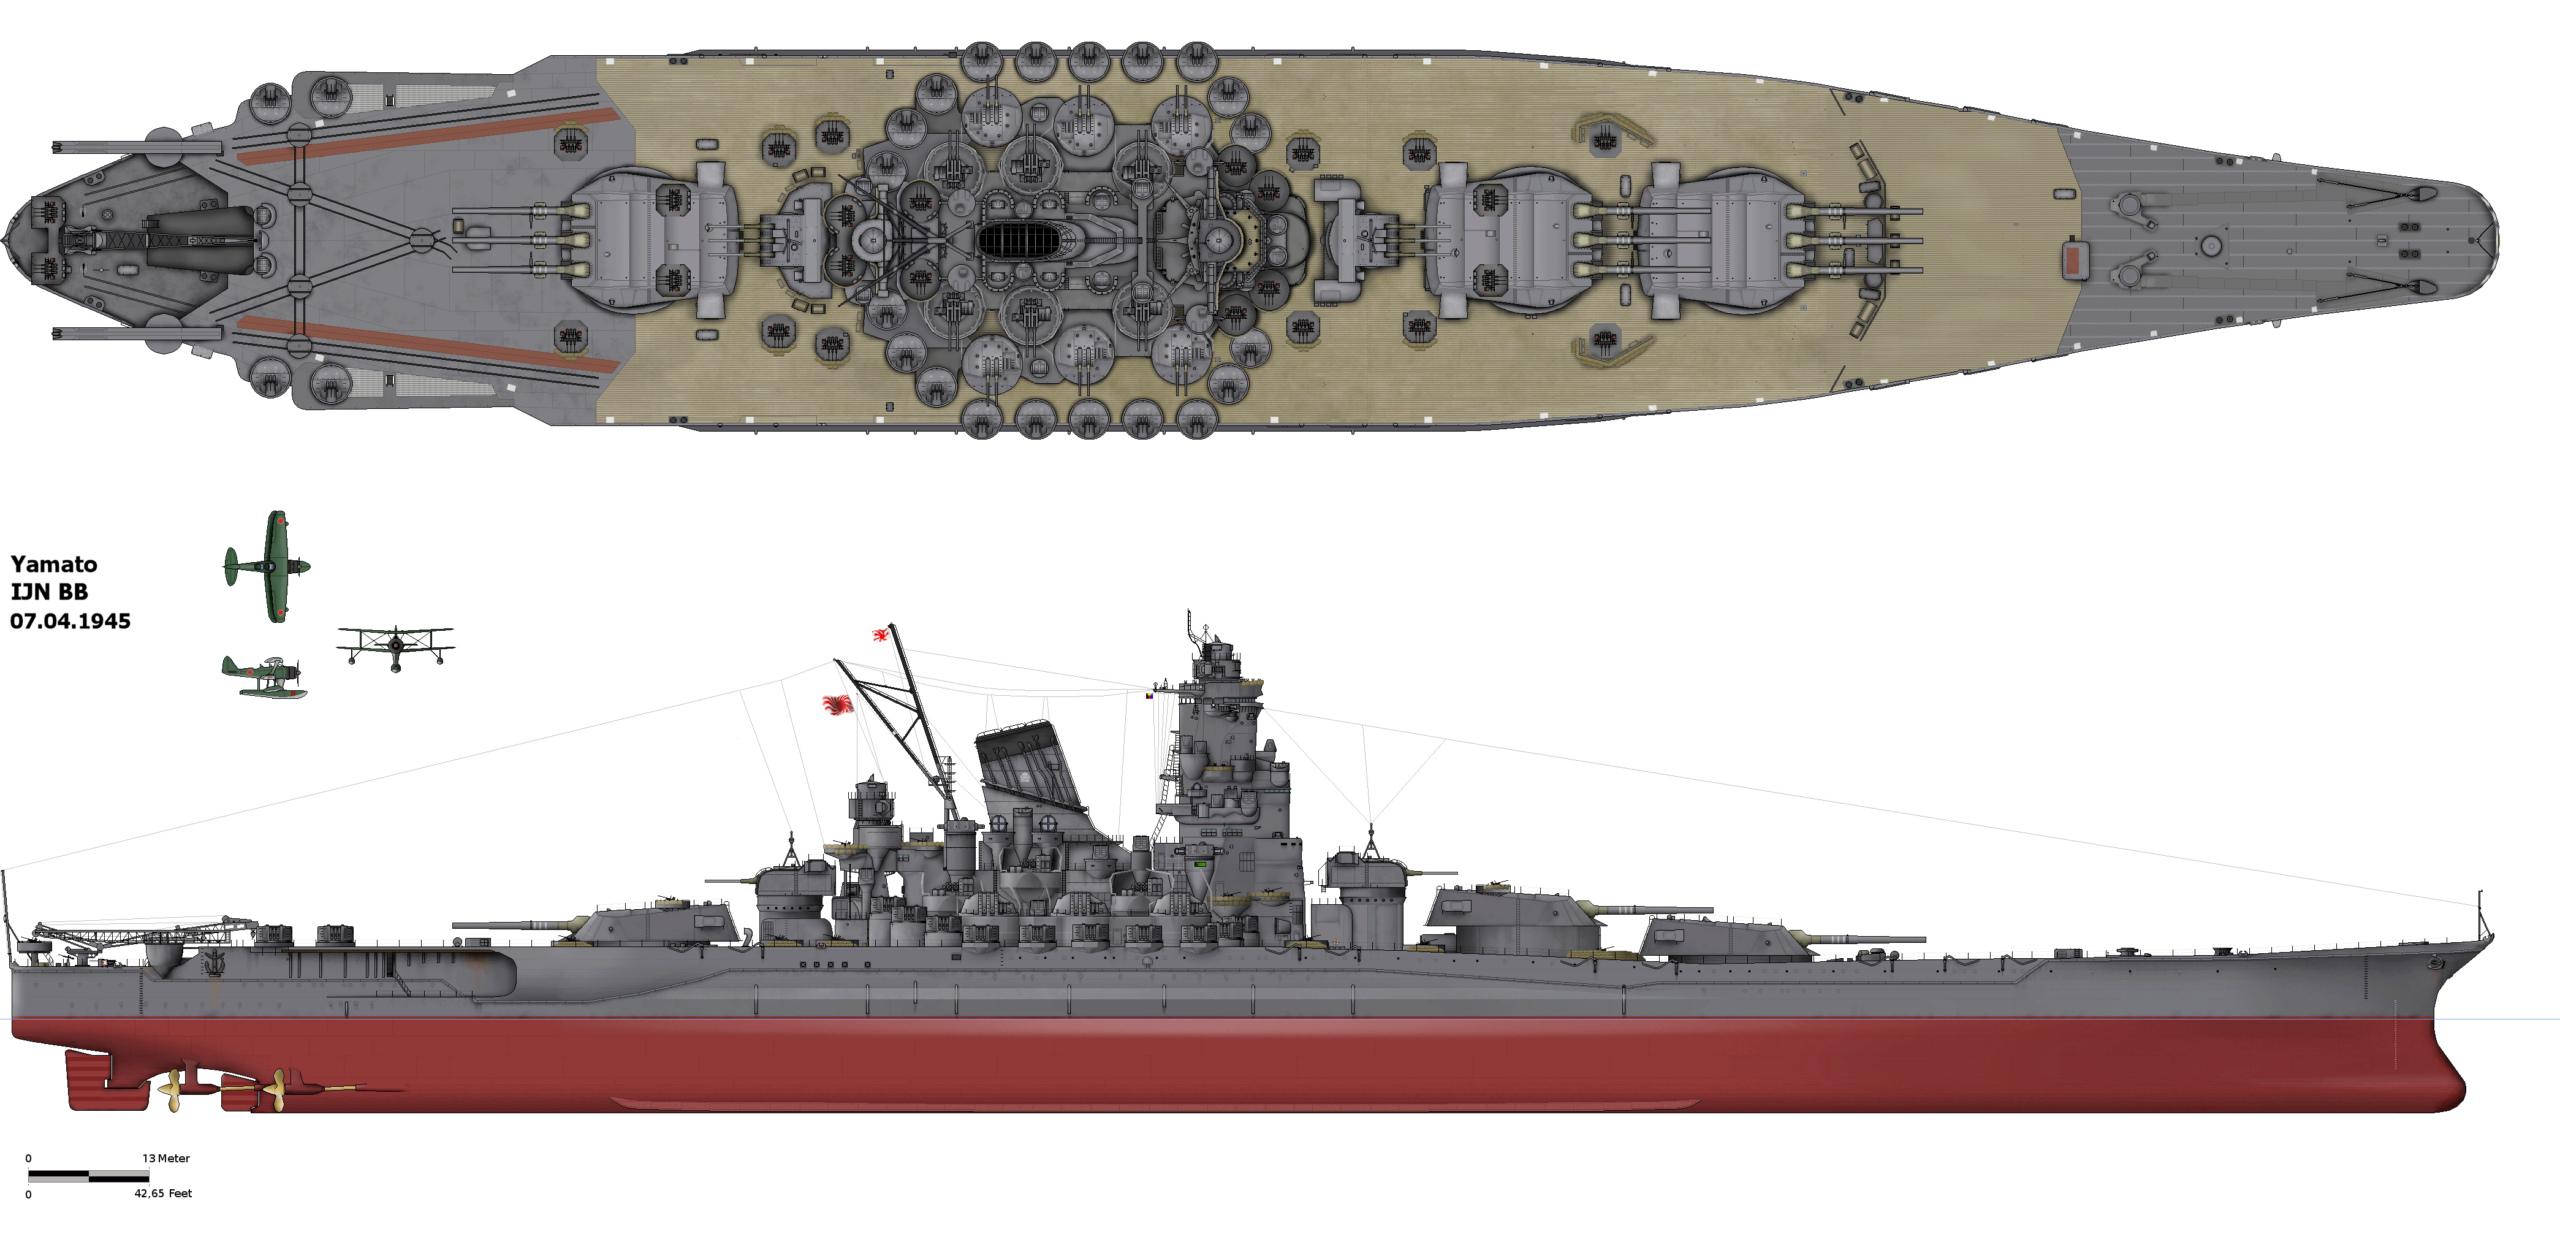 [Uchronie] IJN Yamato 1955 au 1/200 (Nichimo, Fujimi et Scratch) - Page 3 Yamato10